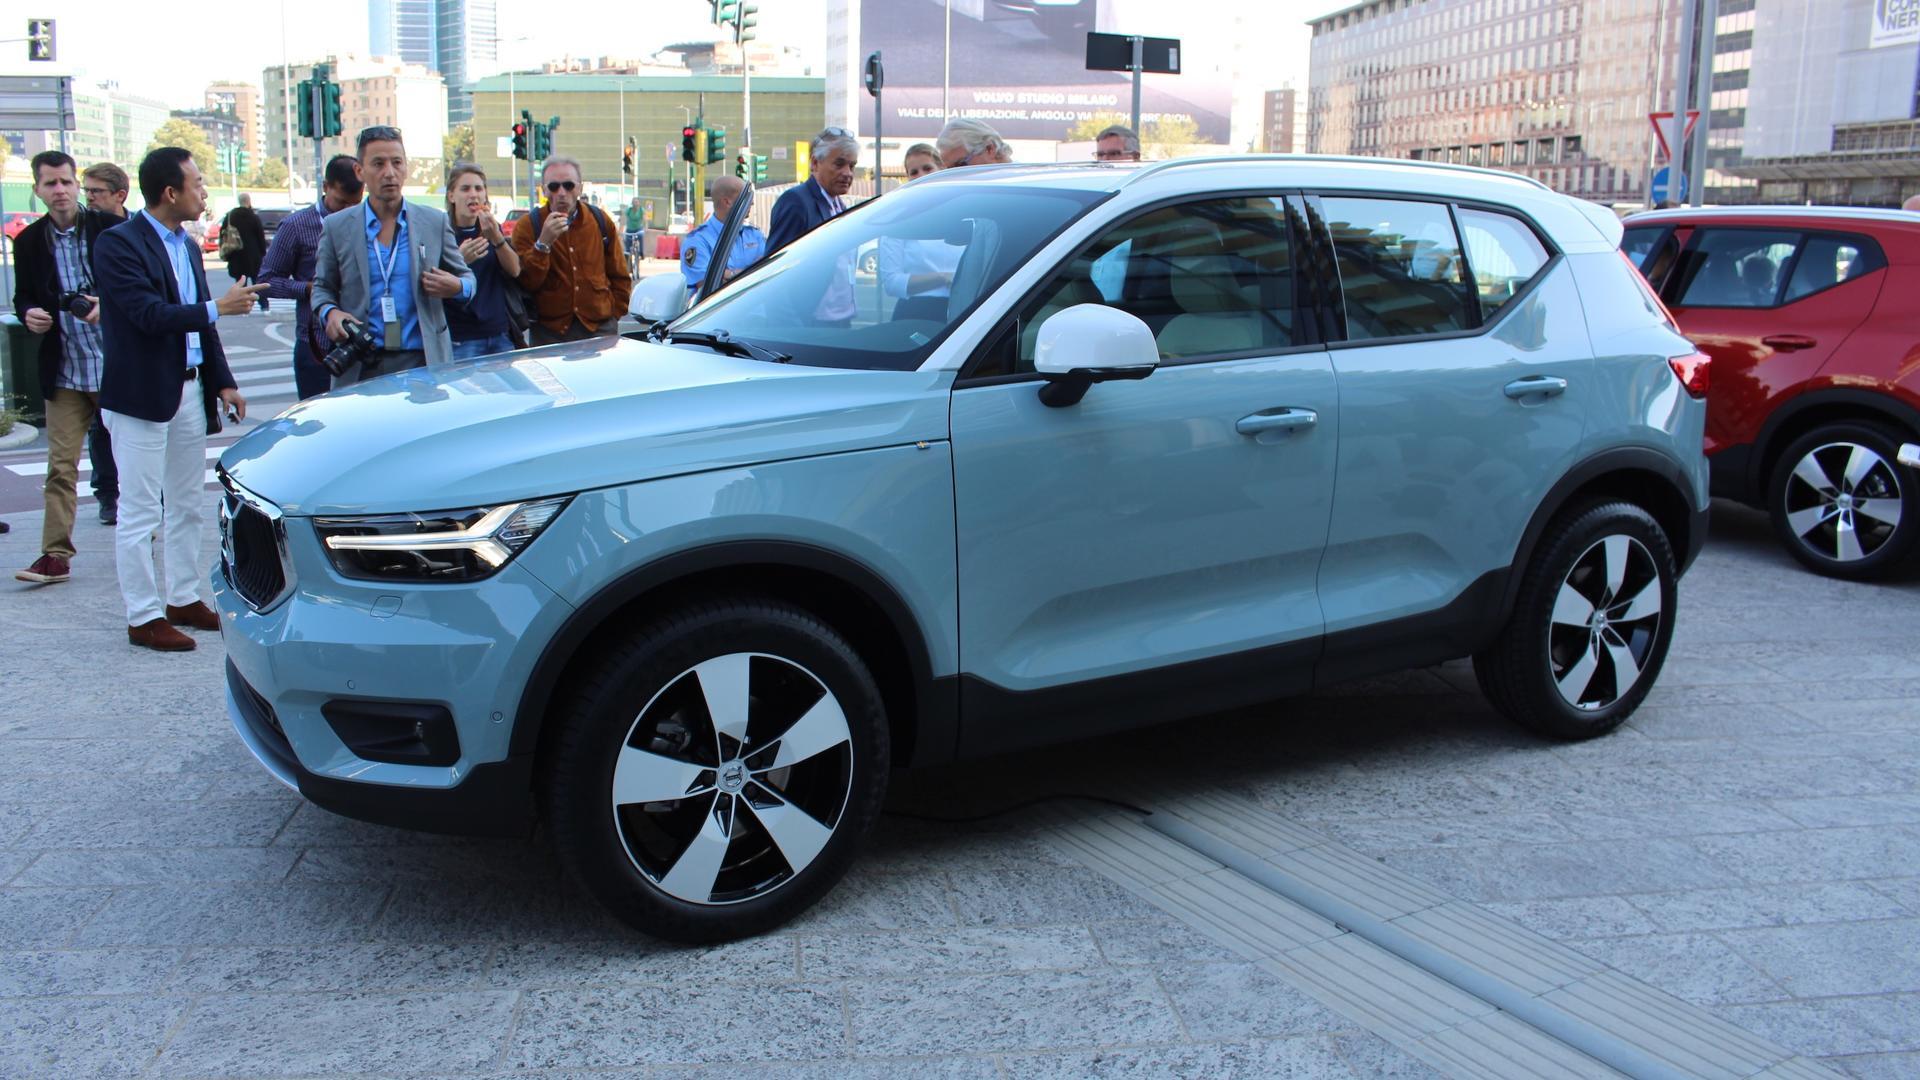 معرفی بهترین خودروی سال در اروپا